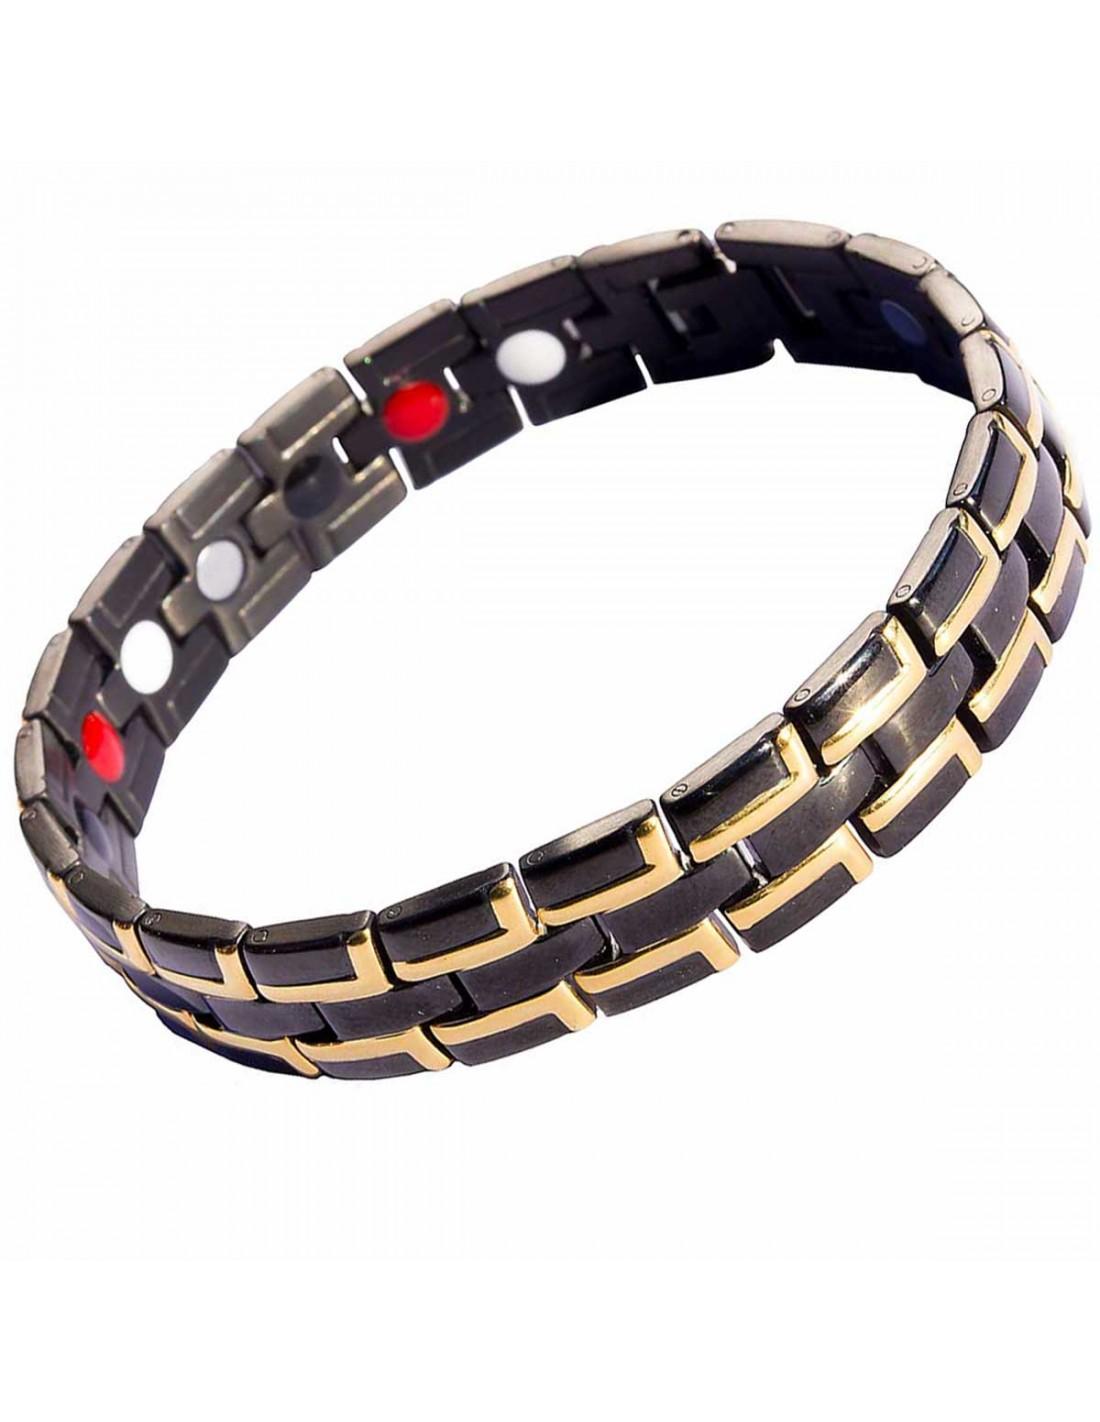 bracelet anti douleurs homme bracelet magn tique. Black Bedroom Furniture Sets. Home Design Ideas